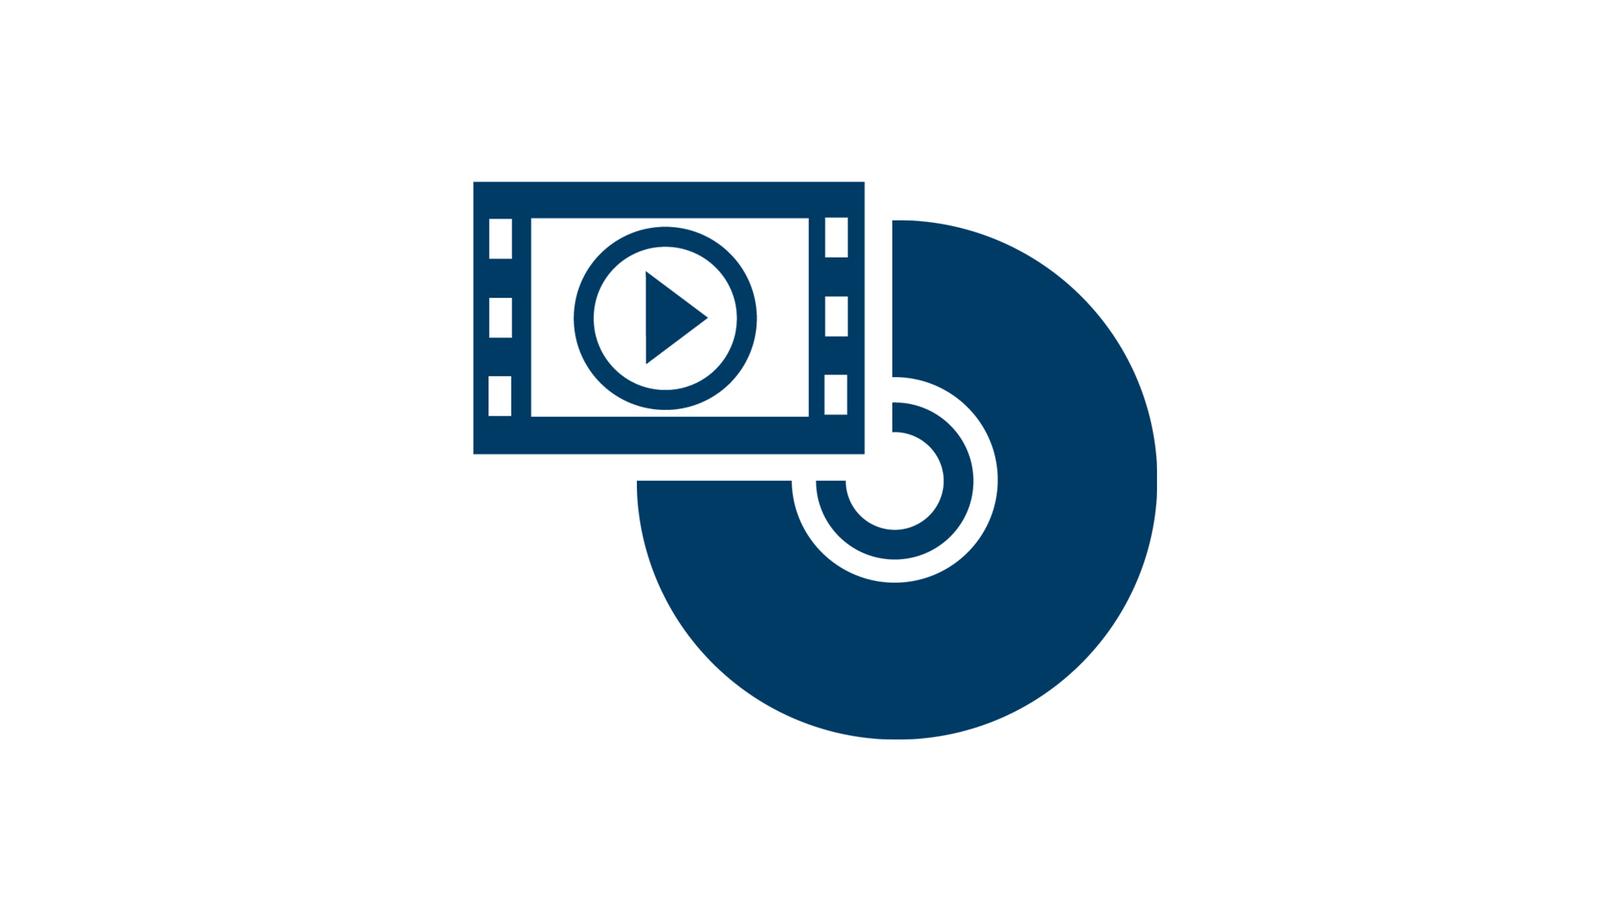 WDR - Das Fernsehangebot des Westdeutschen Rundfunks - Startseite ...